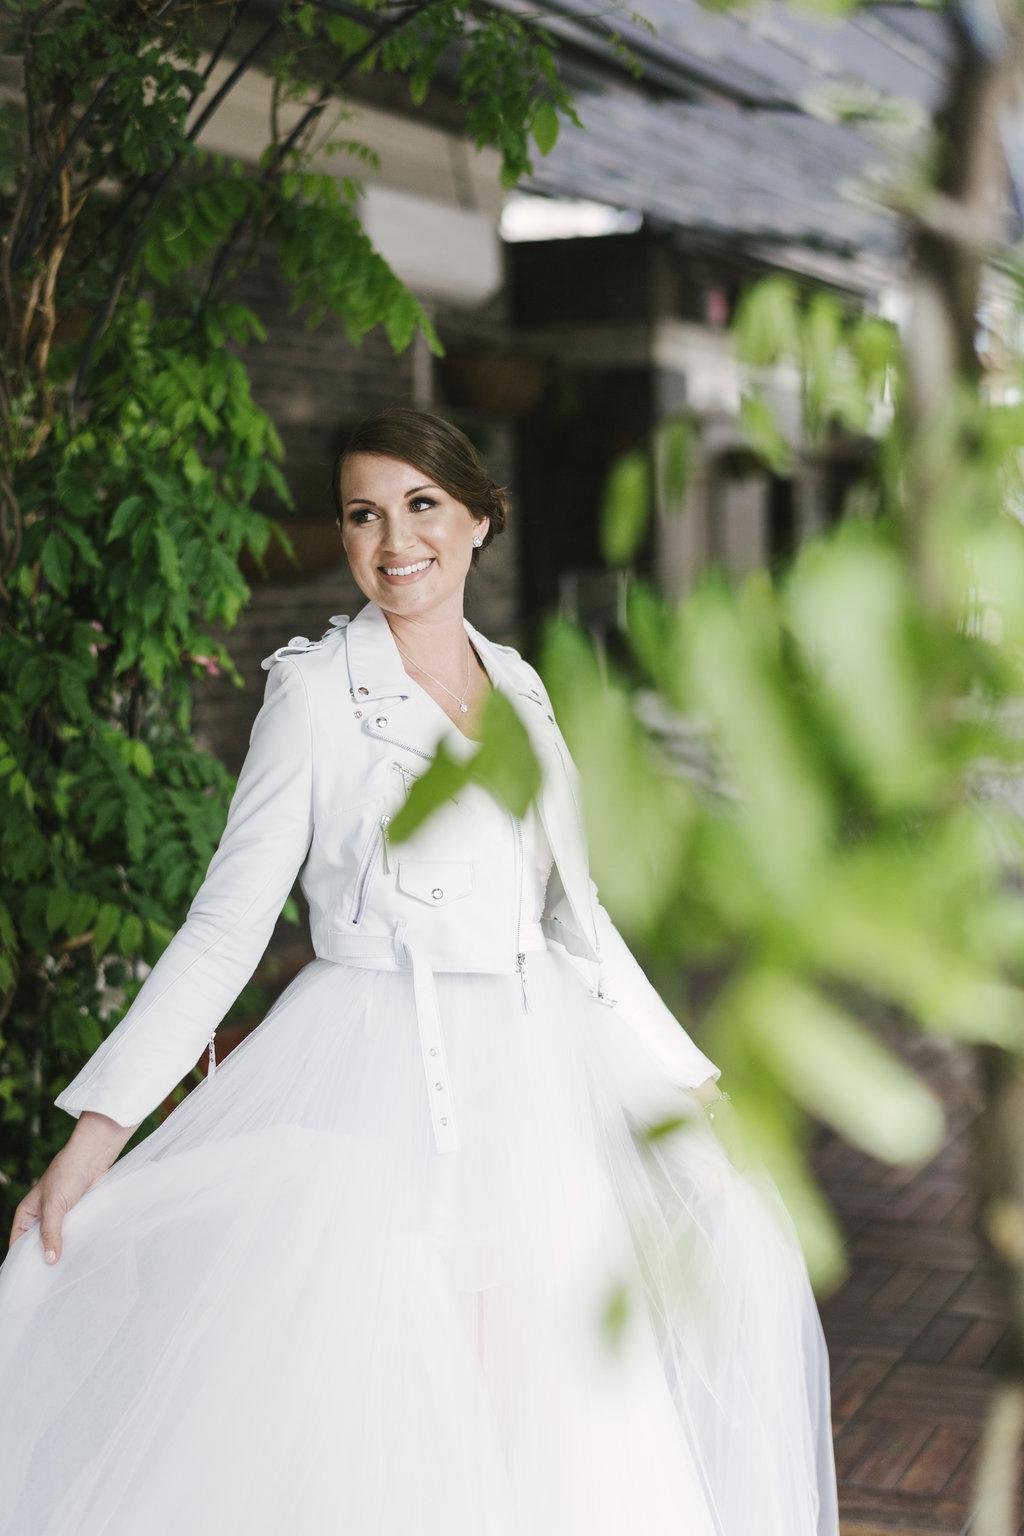 Nathalie Kraynina Bride At The Big Fake WeddingAliciaKingPhotographyBigFakeWedding074.jpg